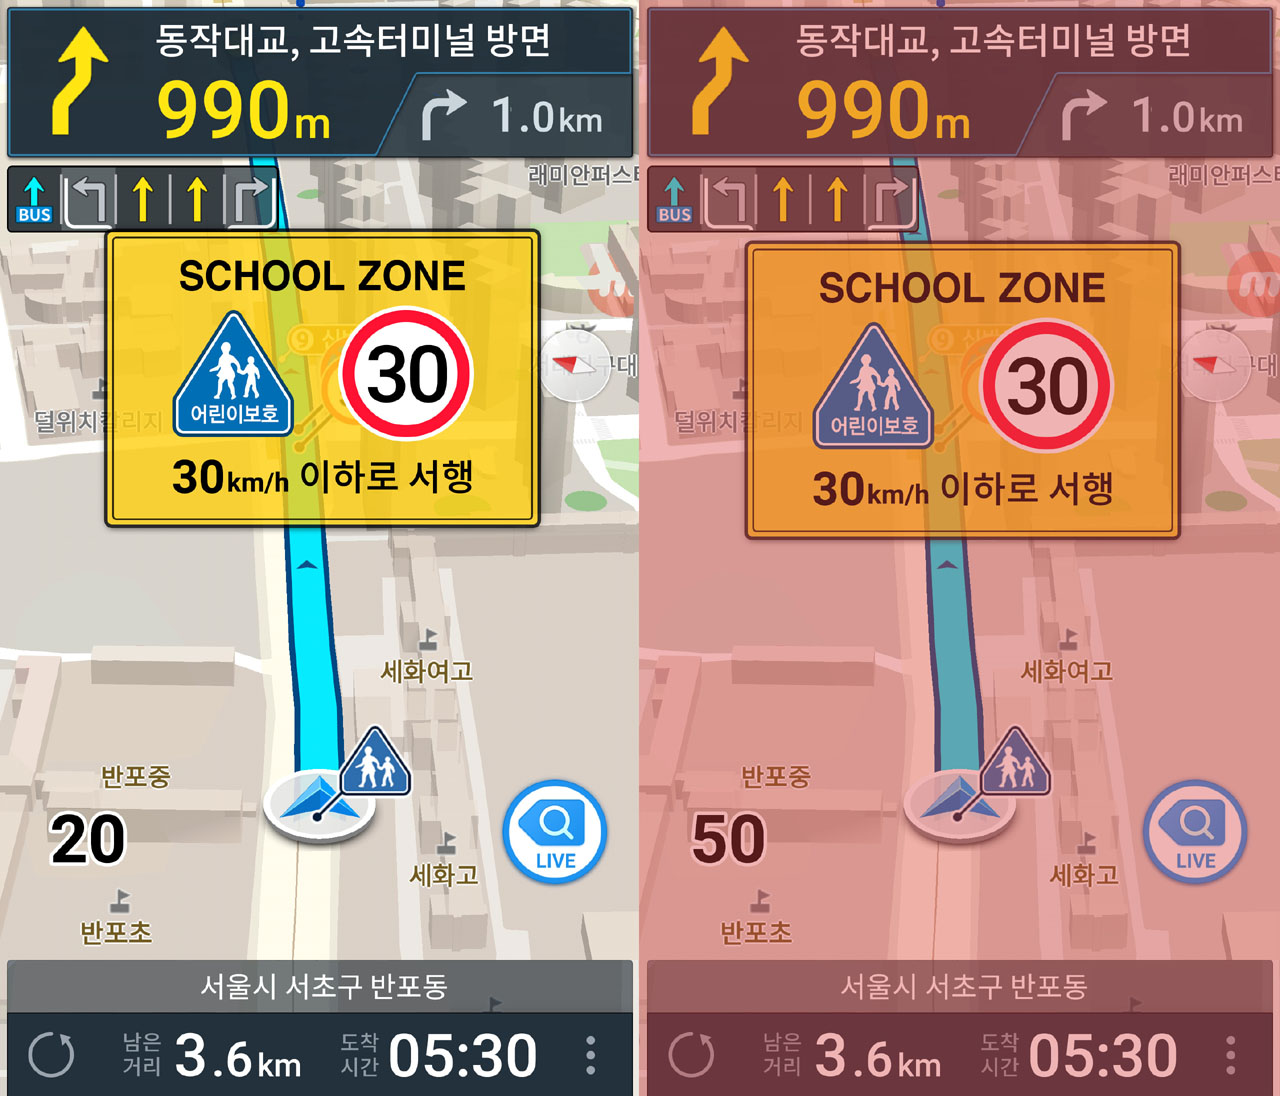 1) 맵퍼스_아틀란 앱_스쿨존 진입 화면(좌), 스쿨존 과속 경고 화면(우)